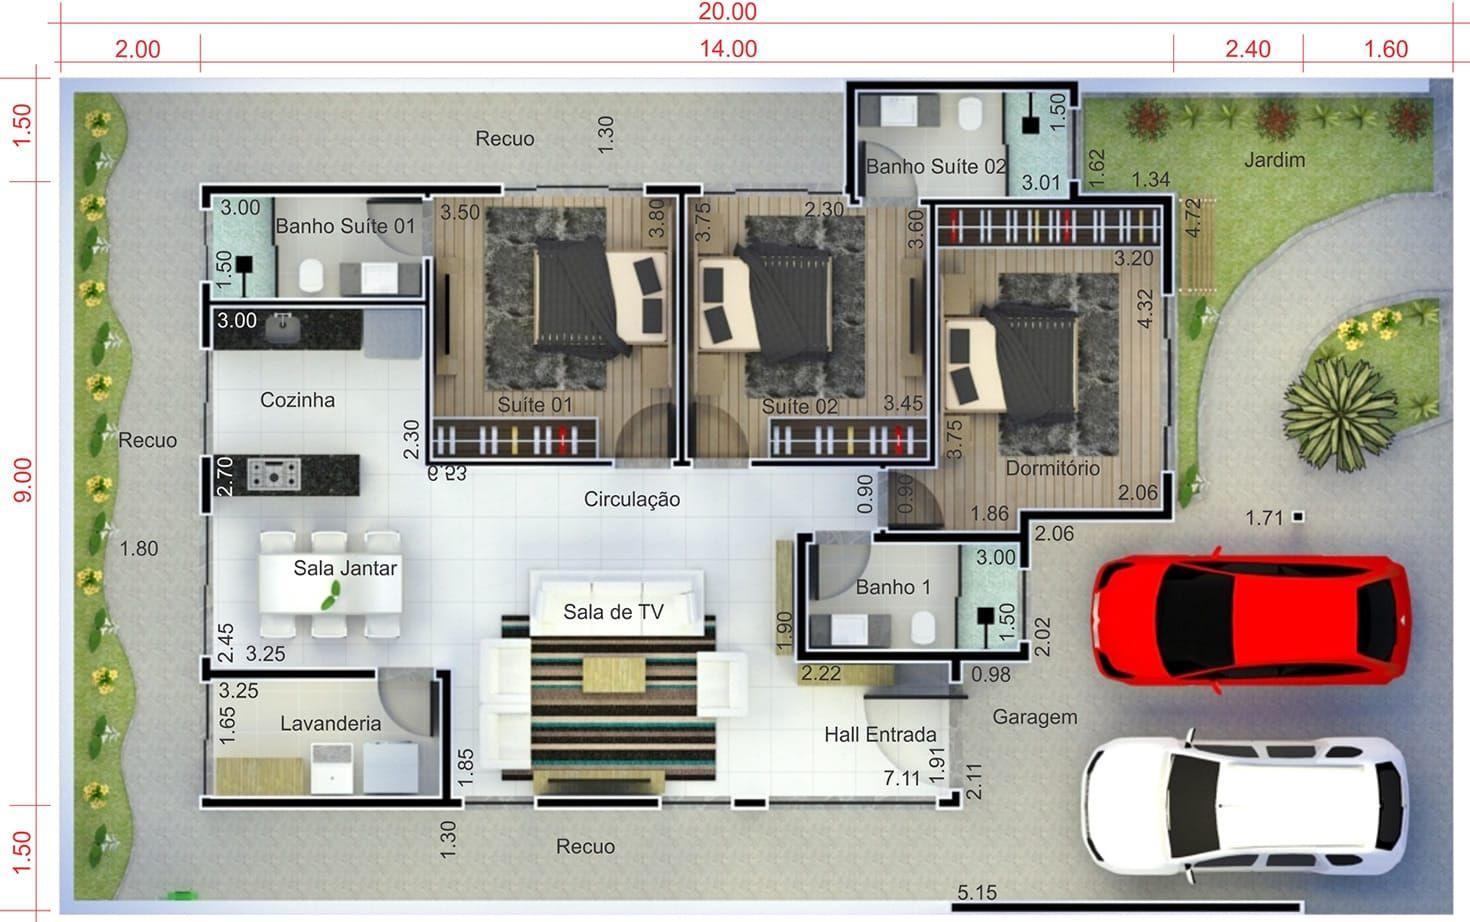 Planta de casa com 2 suites e 1 quarto planta para for Eumaster casa moderna 8x8